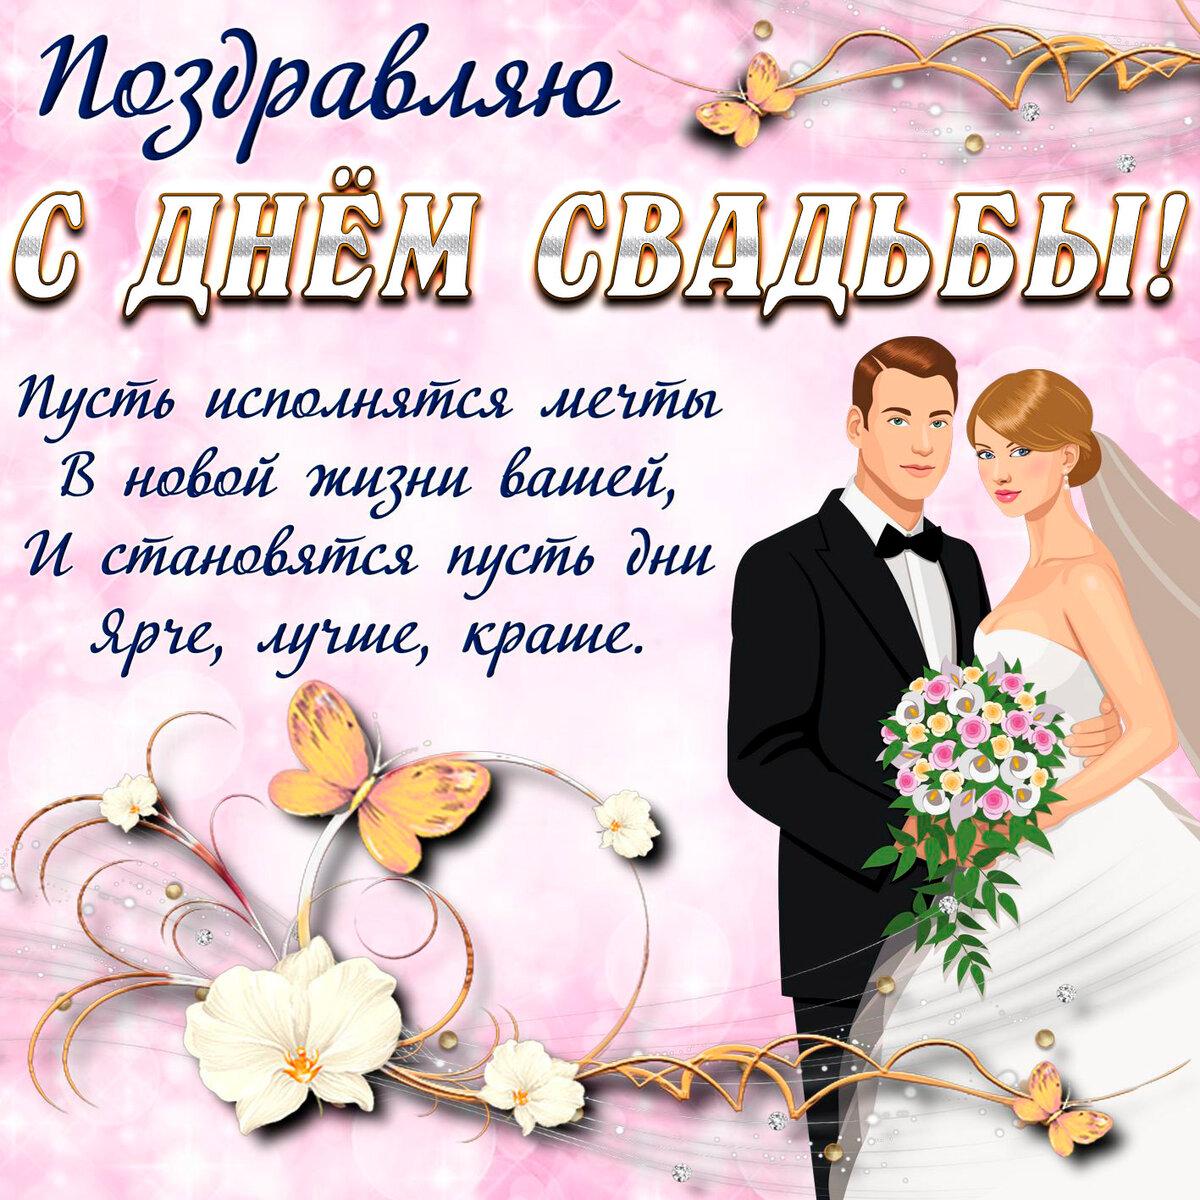 Поздравление для брачующихся